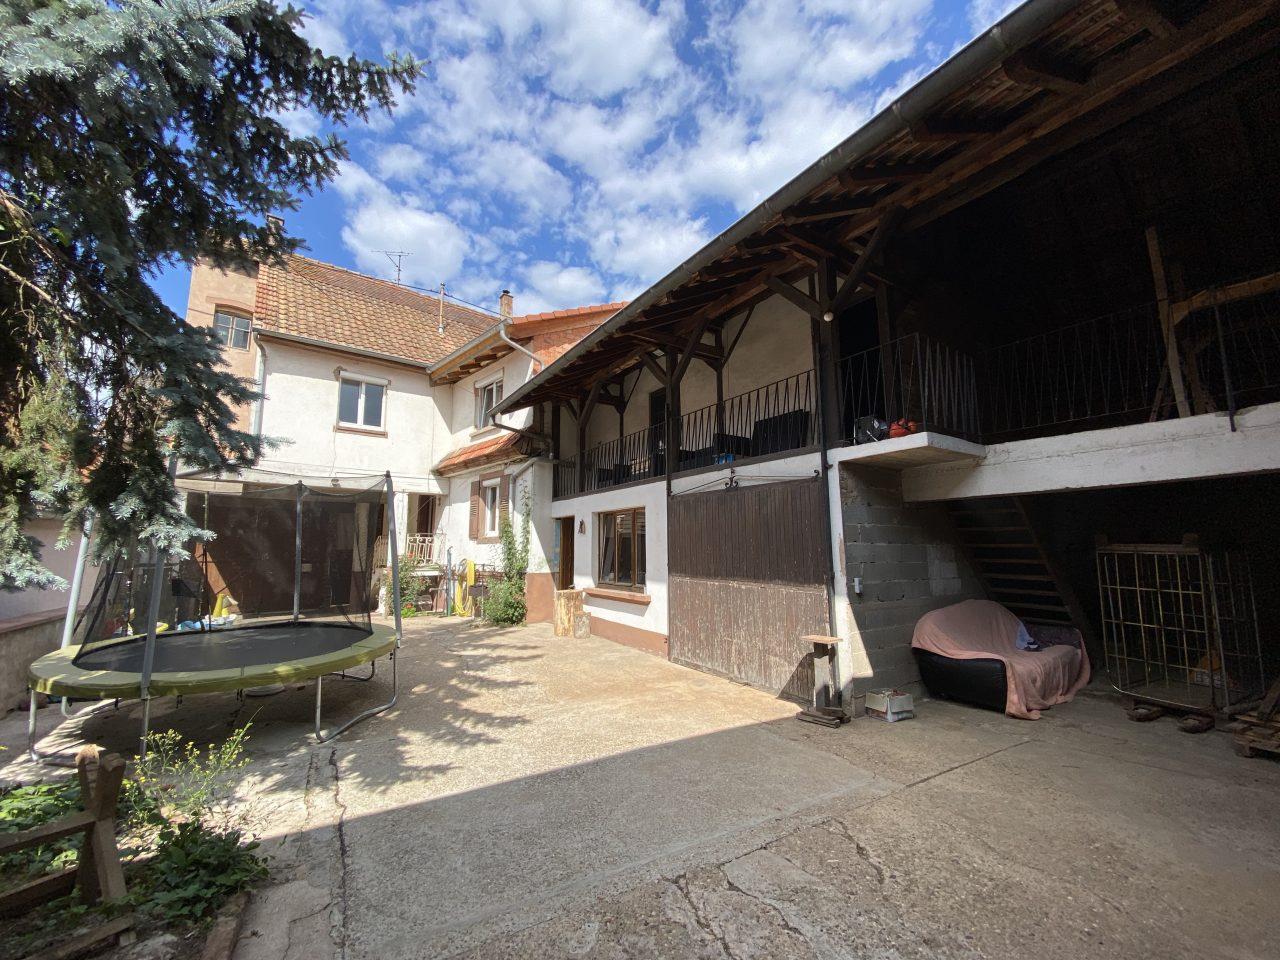 A Forstheim, corps de ferme avec maison et dépendances sur 7 ares. Video disponible sur Youtube